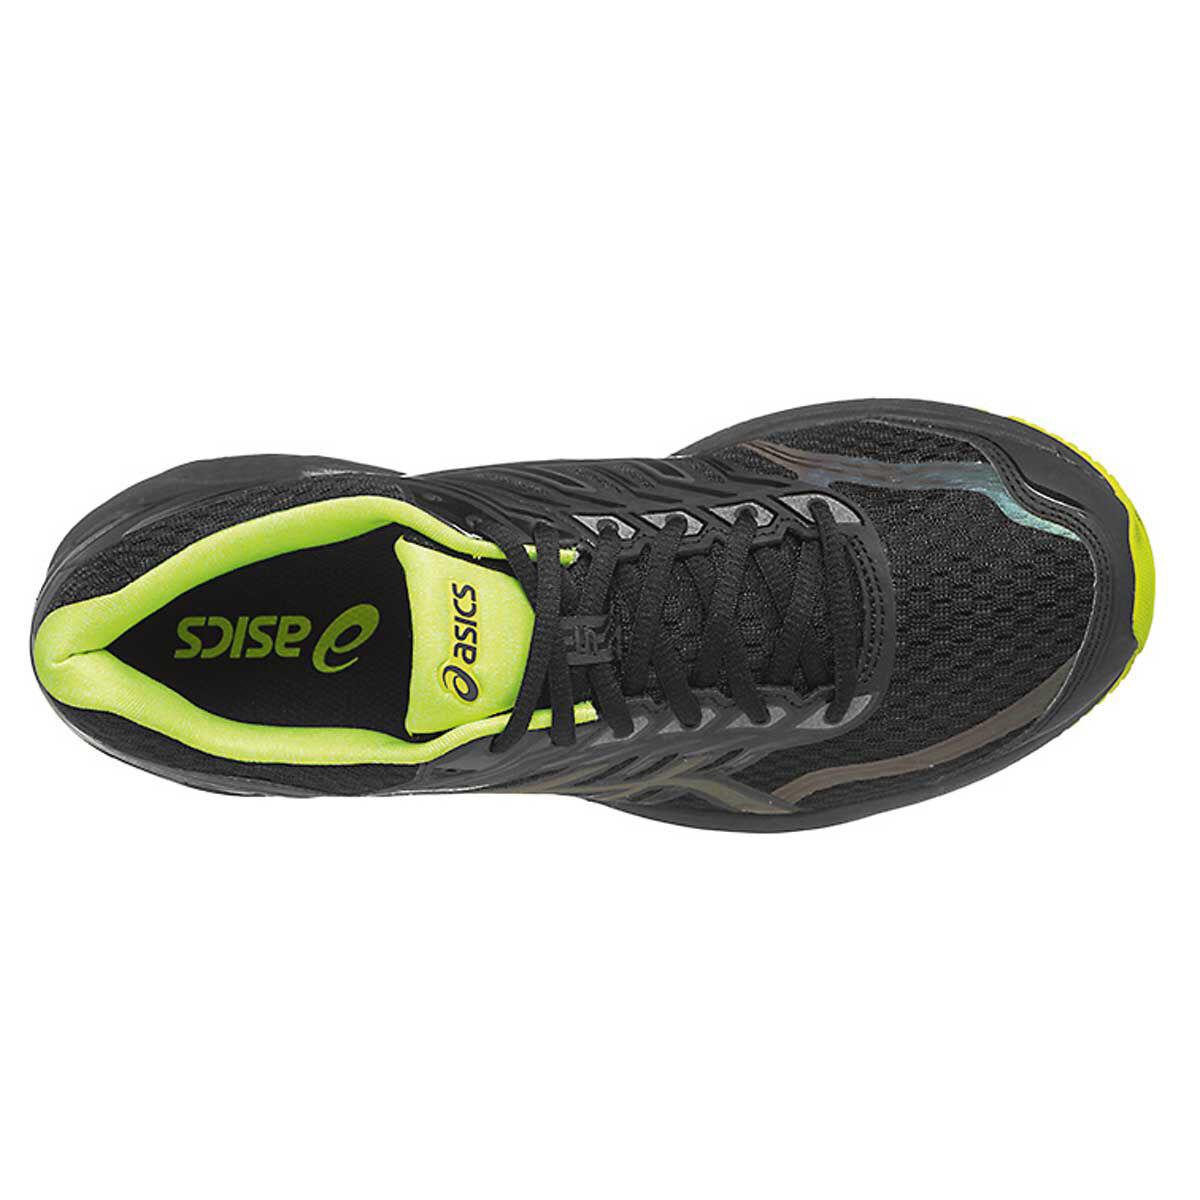 Asics GT 2000 5 Lite Show 2000 Chaussures Chaussures de course 5 pour homme Noir/ Jaune US 10 67eac14 - sinetronindonesia.site